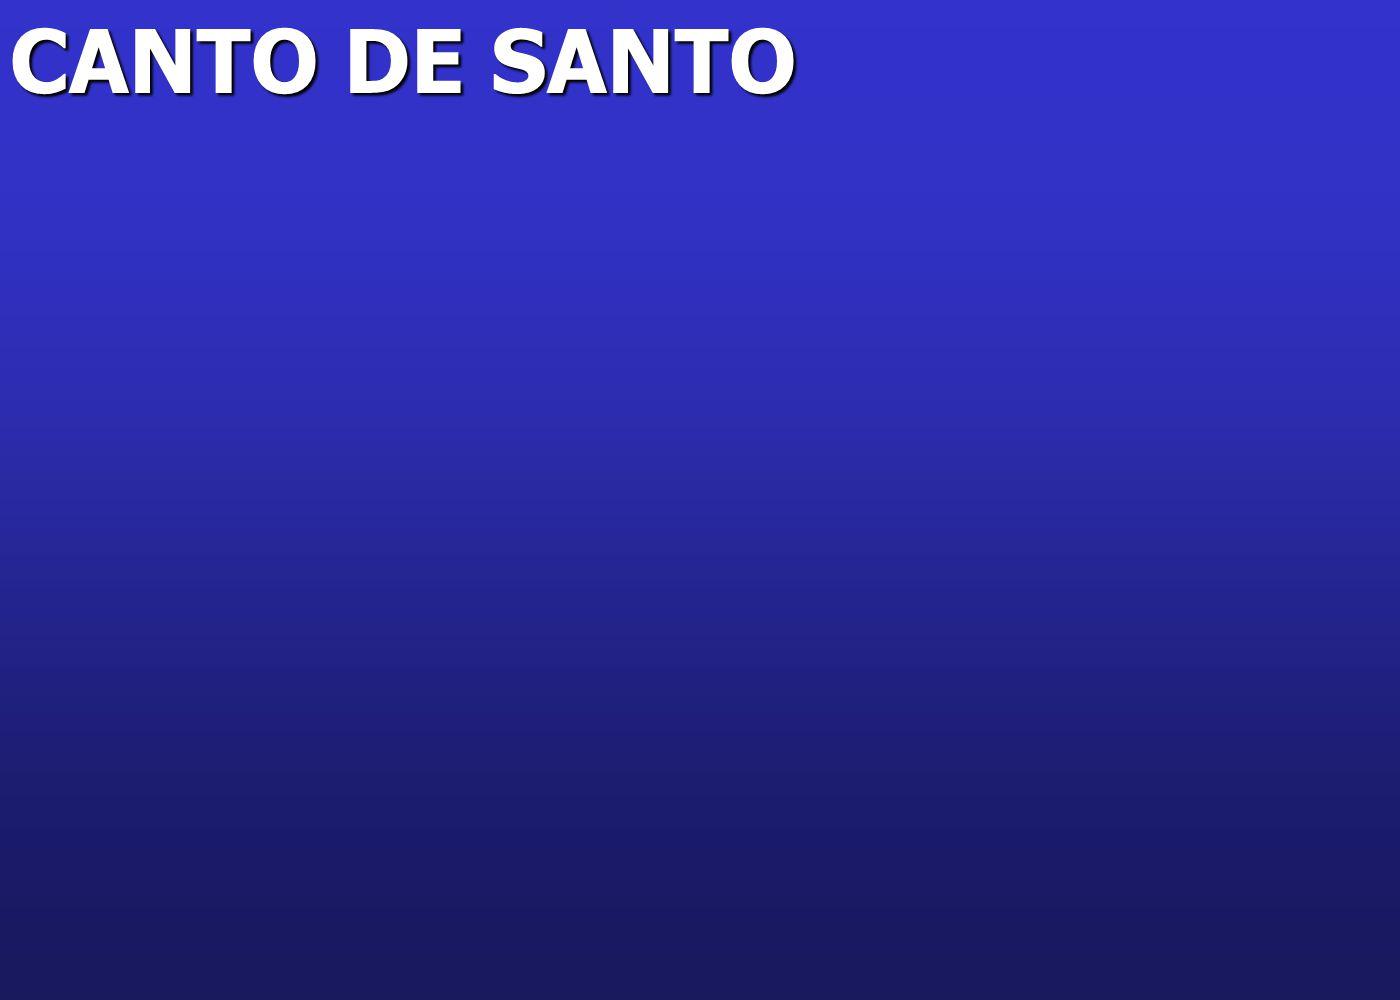 CANTO DE SANTO